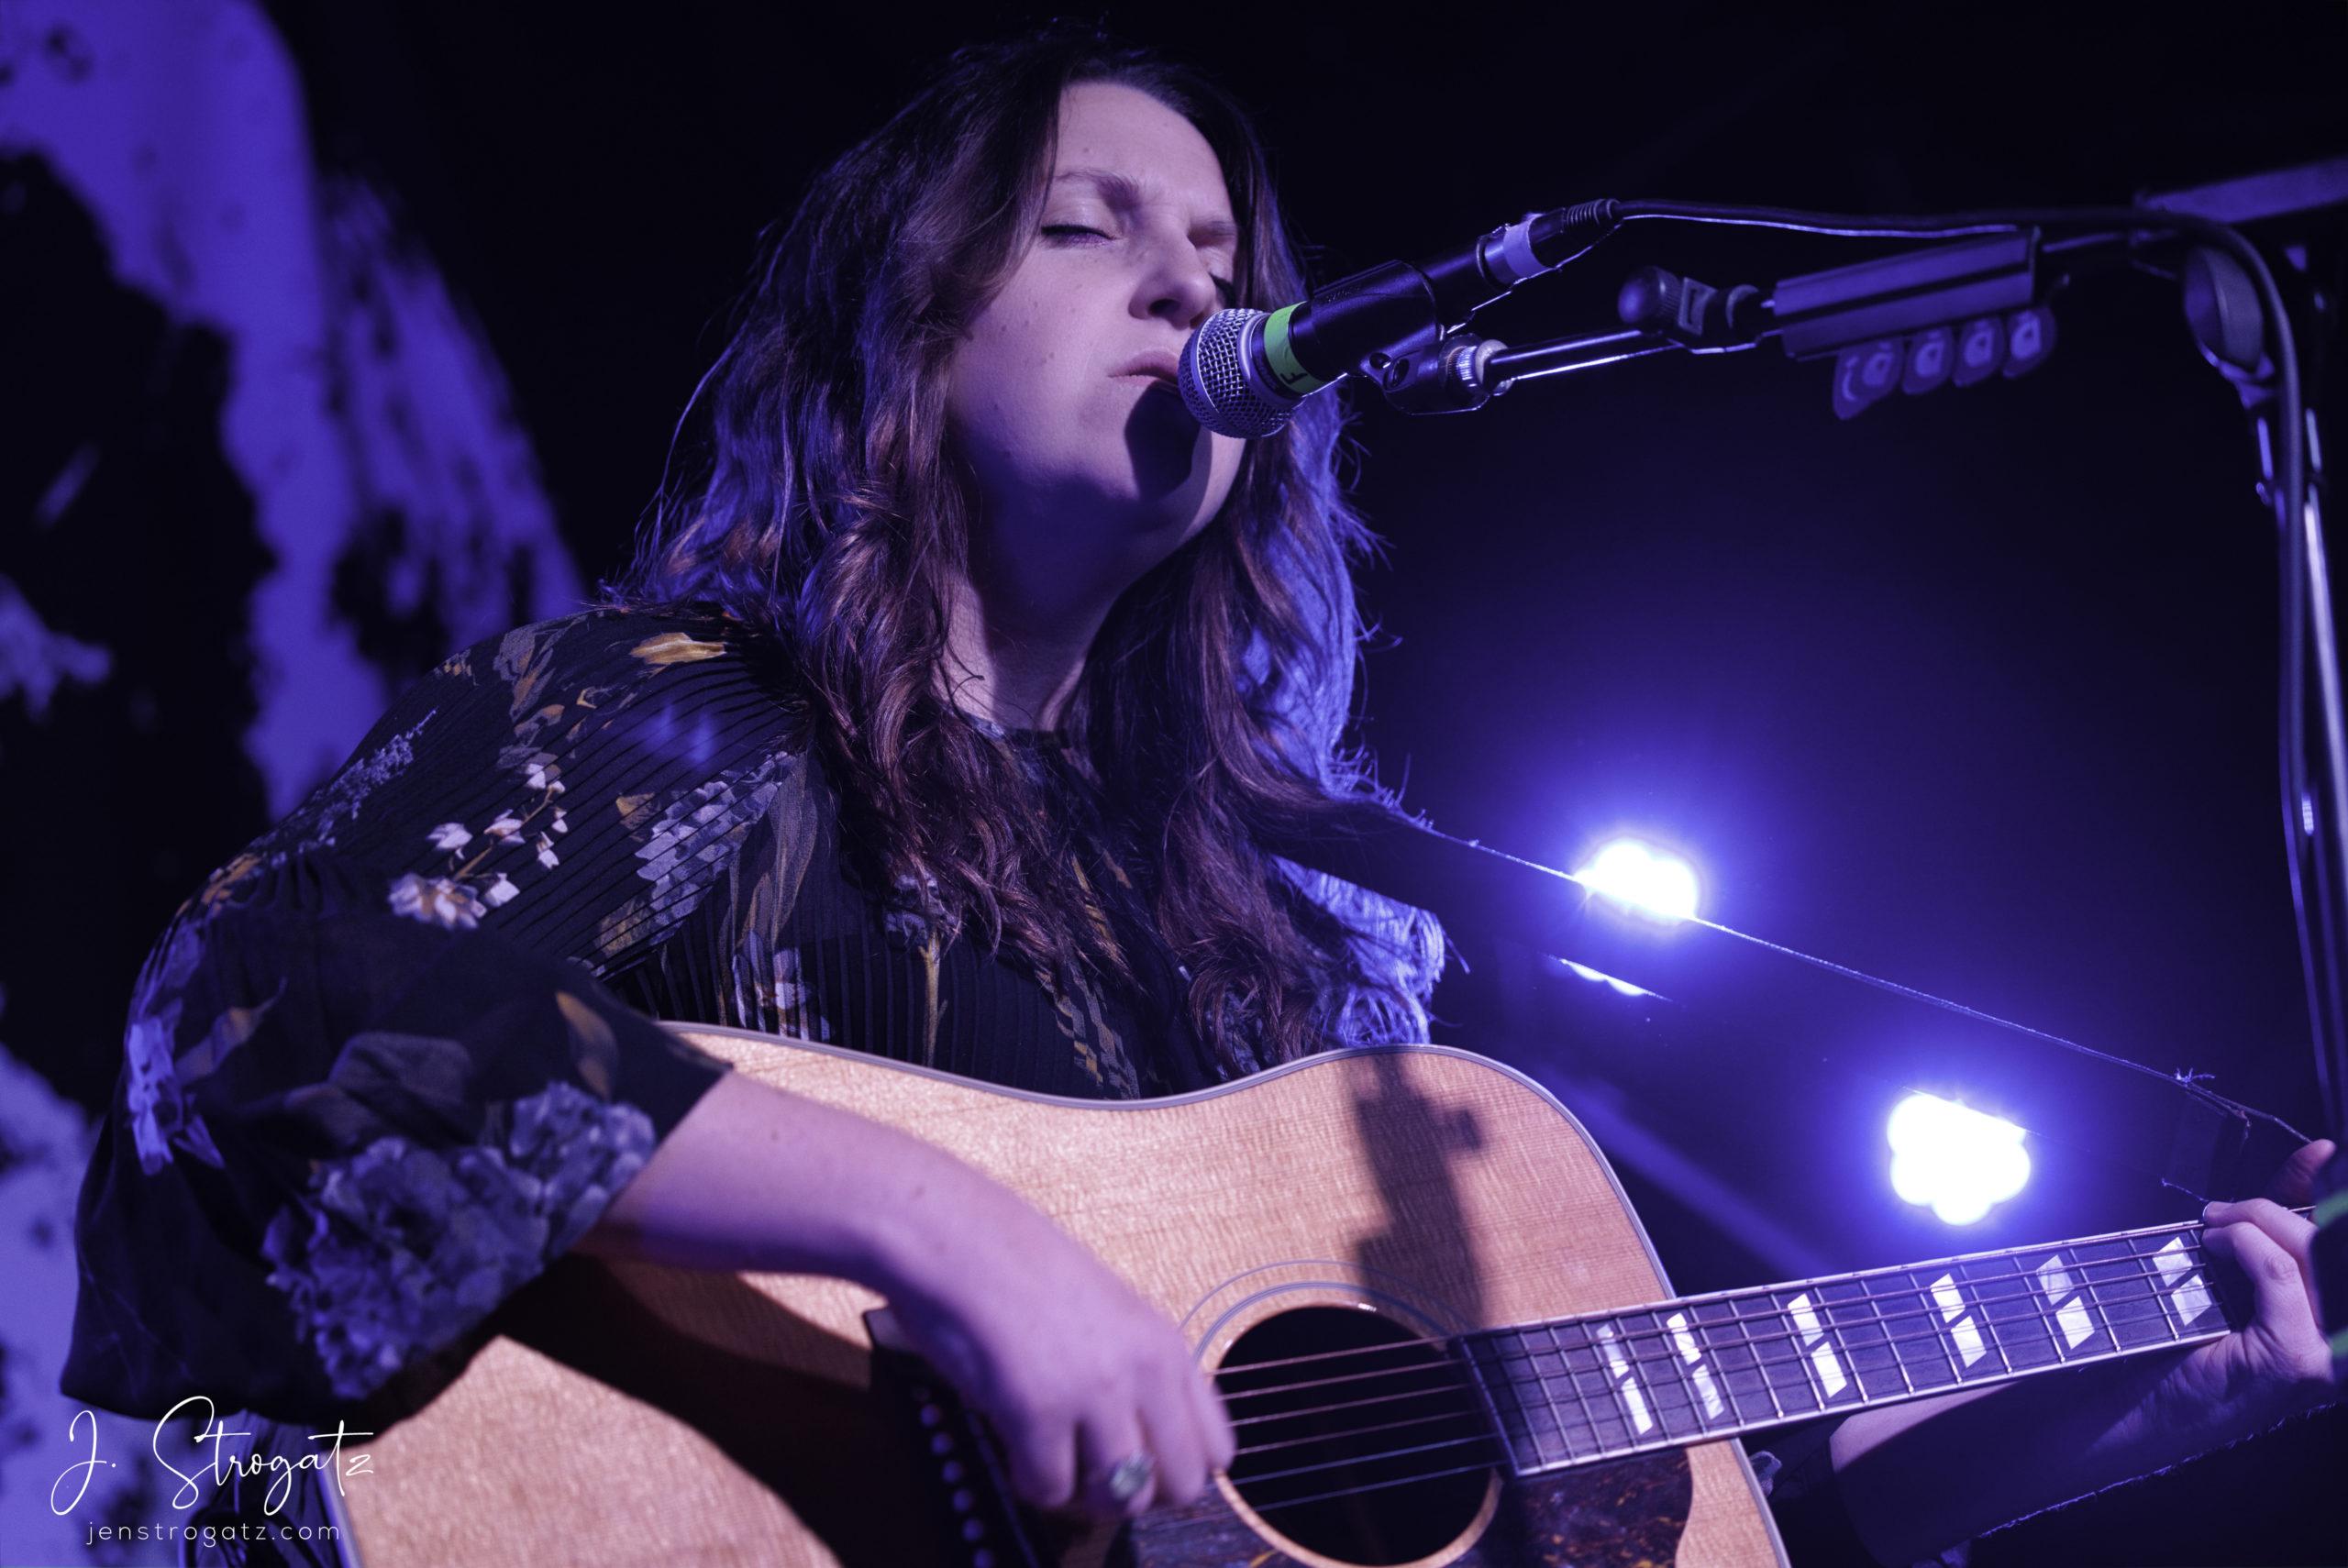 Caroline Spence at The Foundry photo - Jen Strogatz